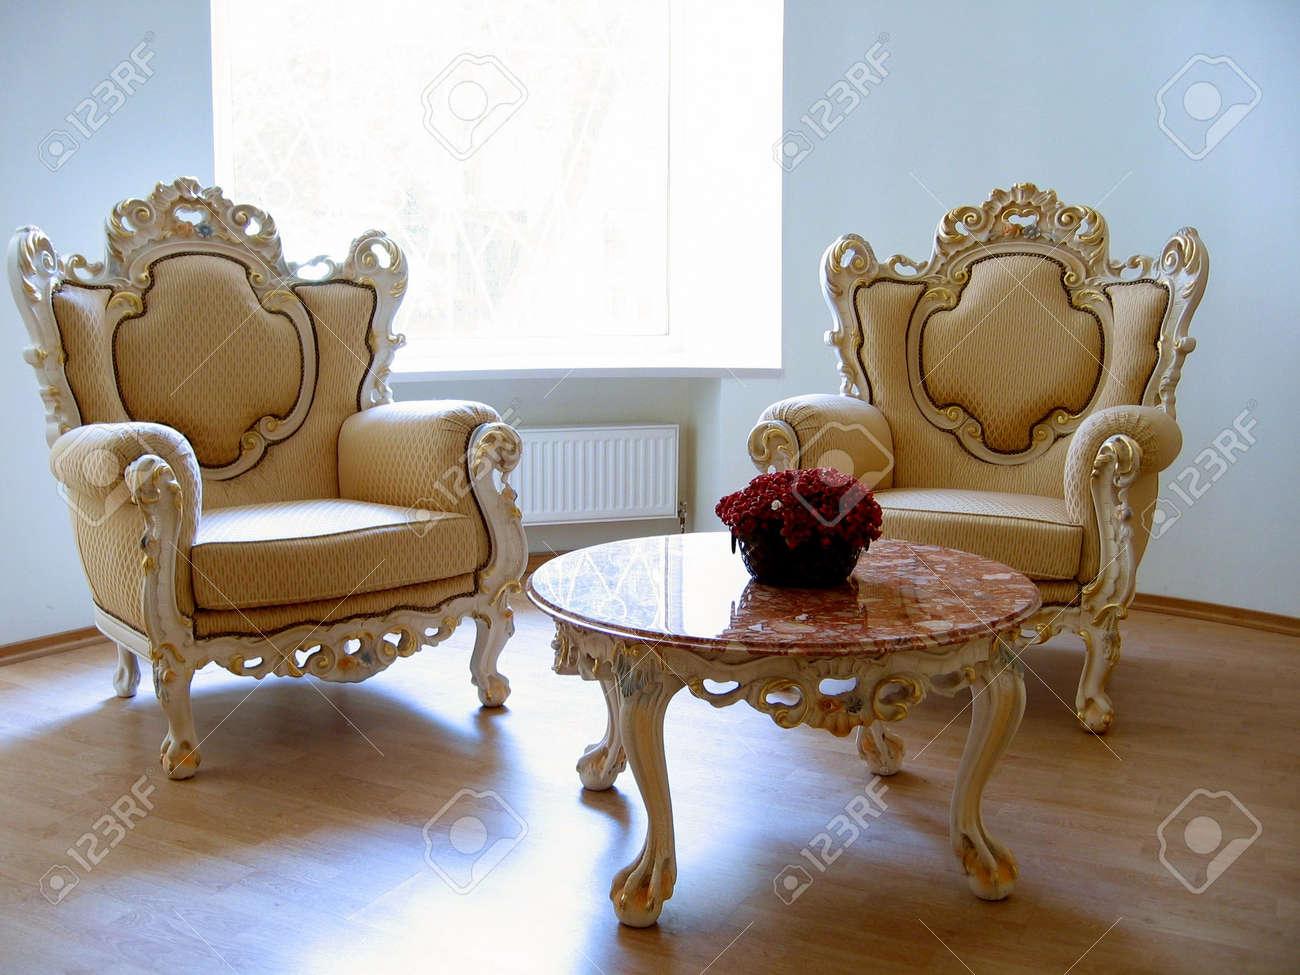 Zwei Antike Stuhle Und Tisch Marmor Lizenzfreie Fotos Bilder Und Stock Fotografie Image 369826